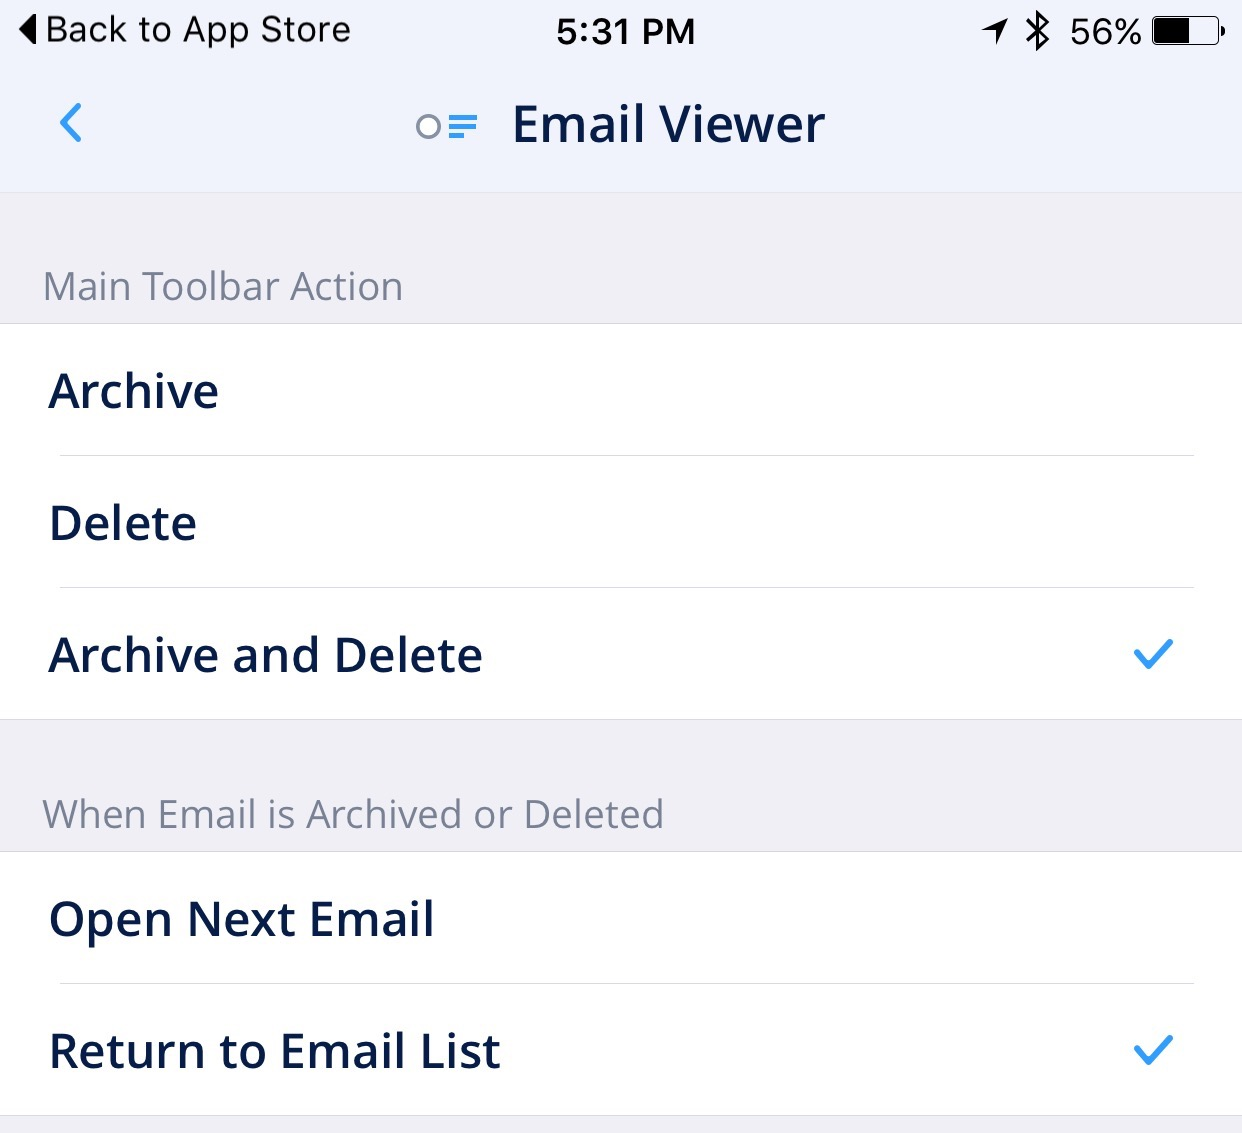 Captura de pantalla 003 del iPhone Flujo de trabajo de correo electrónico Spark 1.2 para iOS